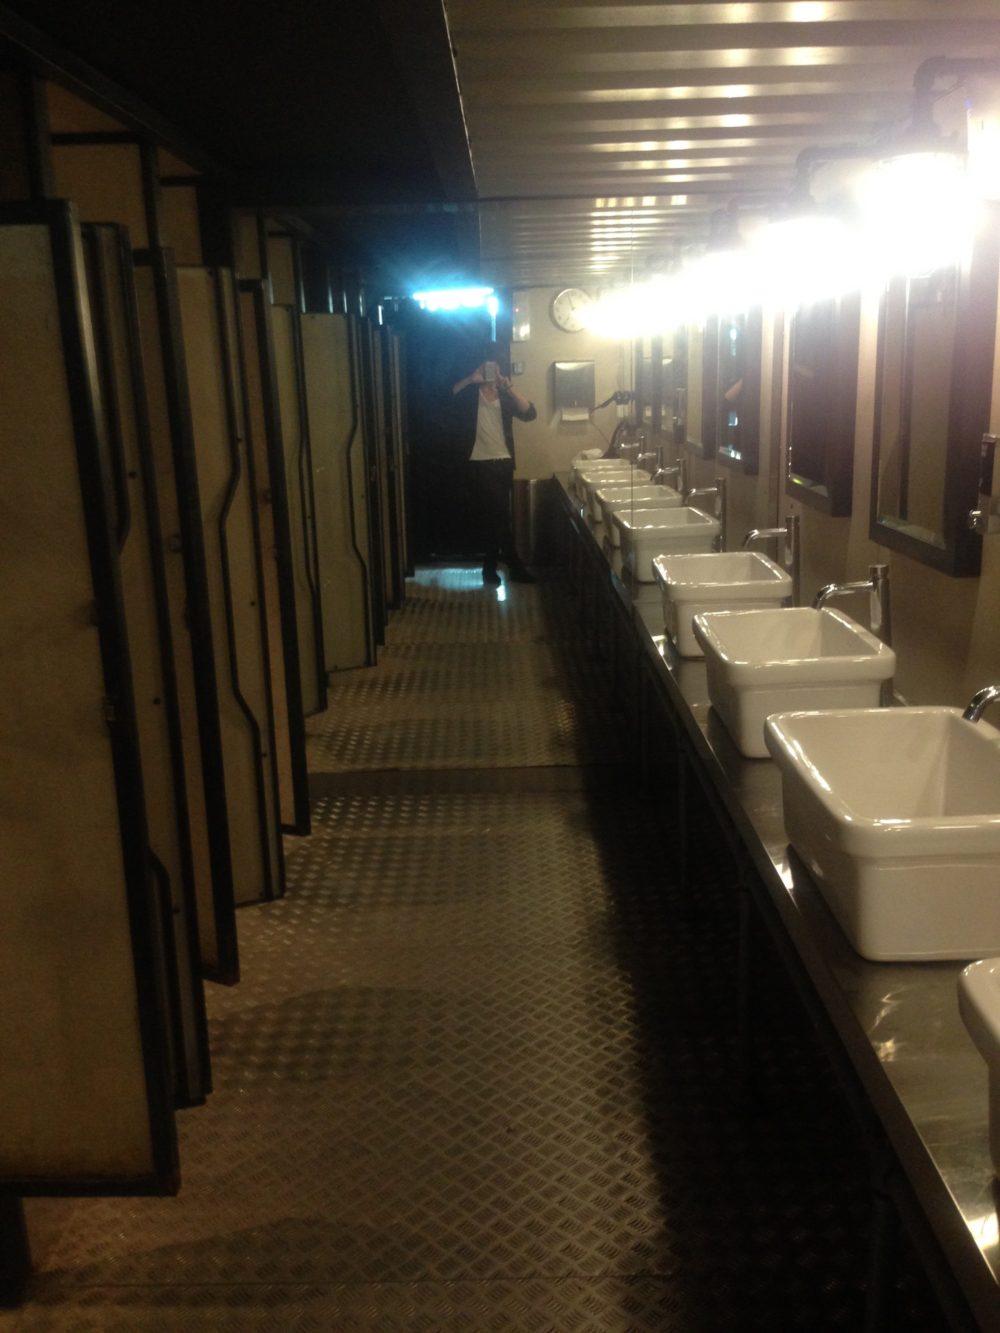 マレーシアの空港カプセルホテルでシャワーだけ浴びる方法と料金